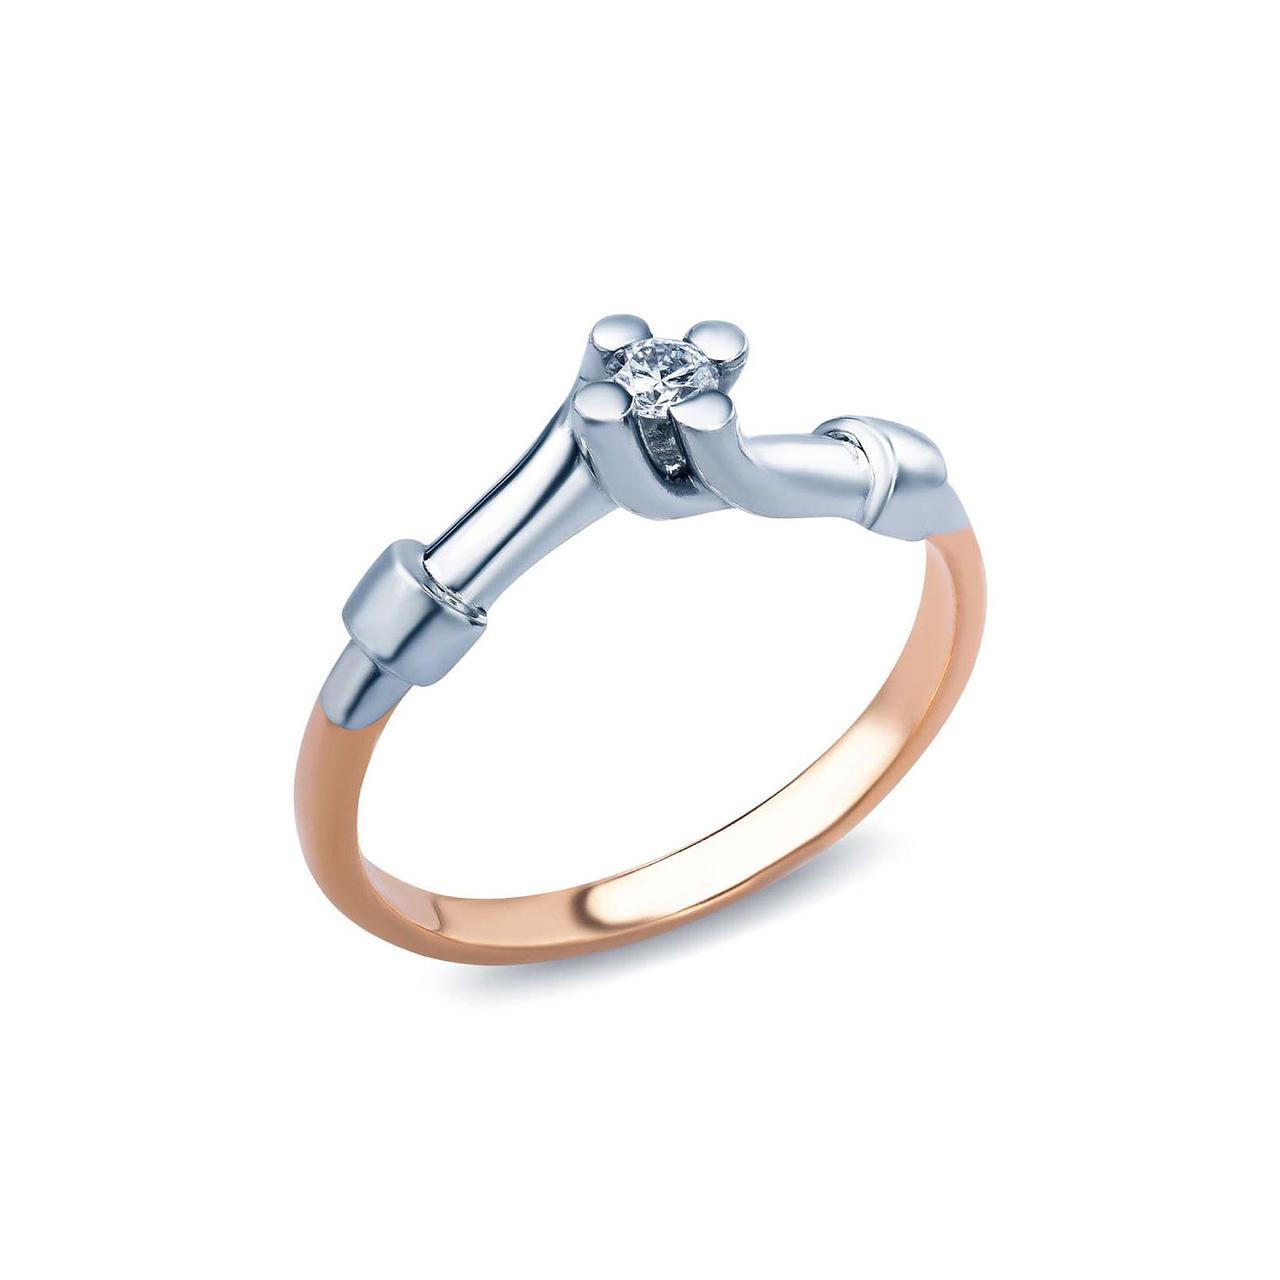 Кольцо из золота с бриллиантом, размер 17 (222082)